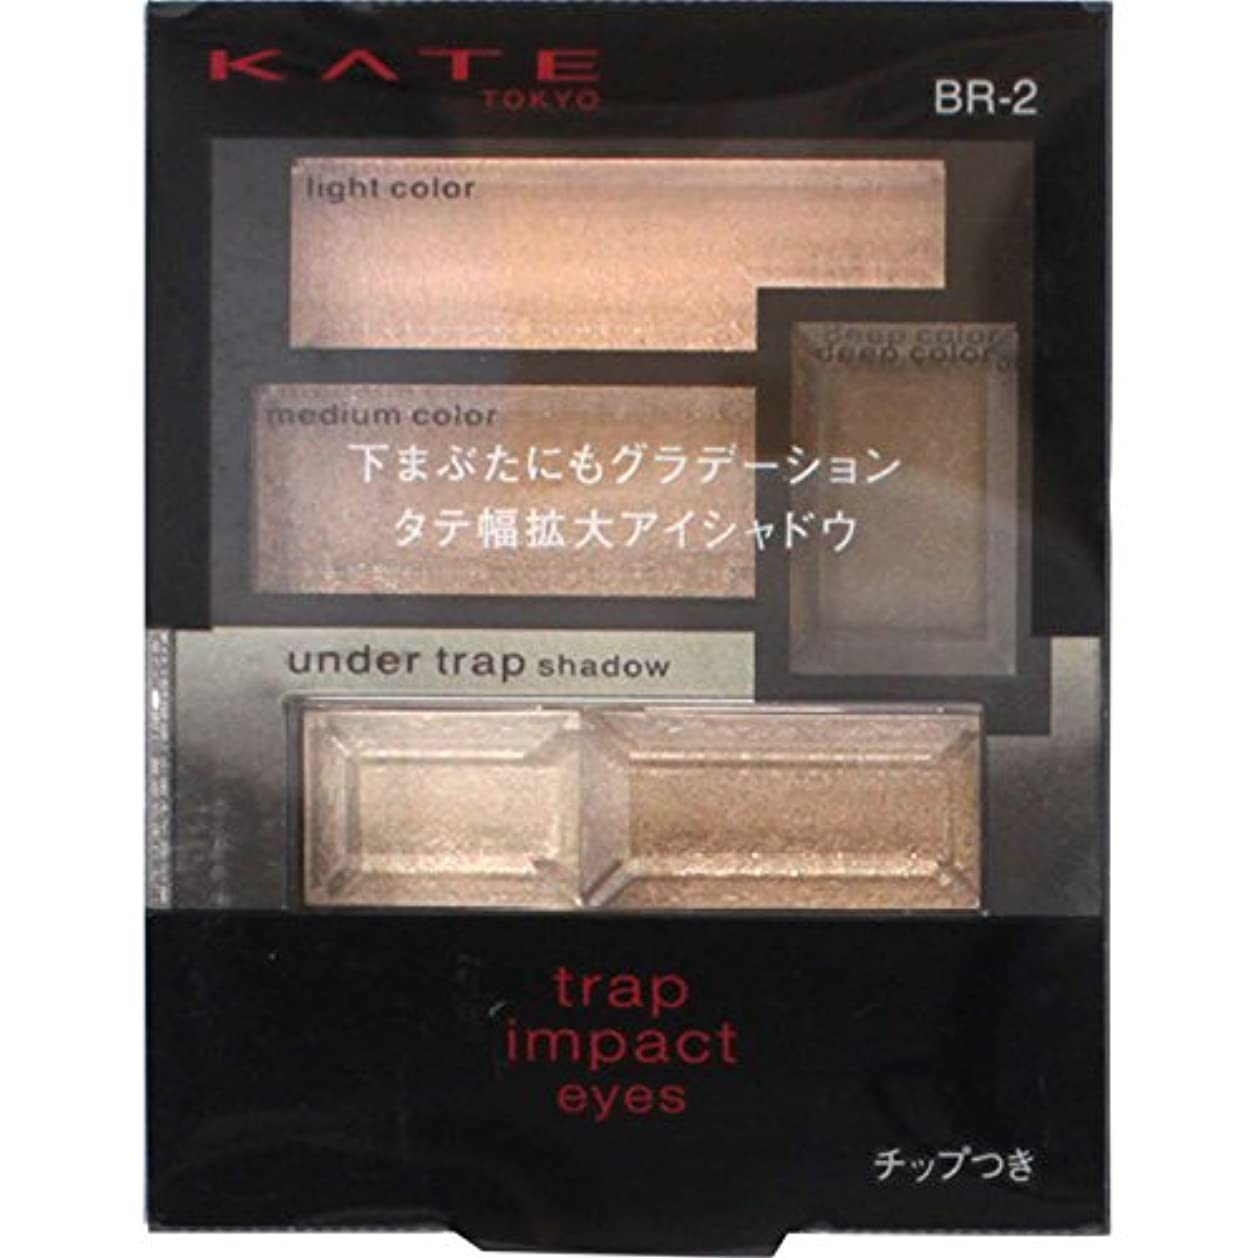 倒錯温室使用法カネボウ ケイト トラップインパクトアイズ BR-2